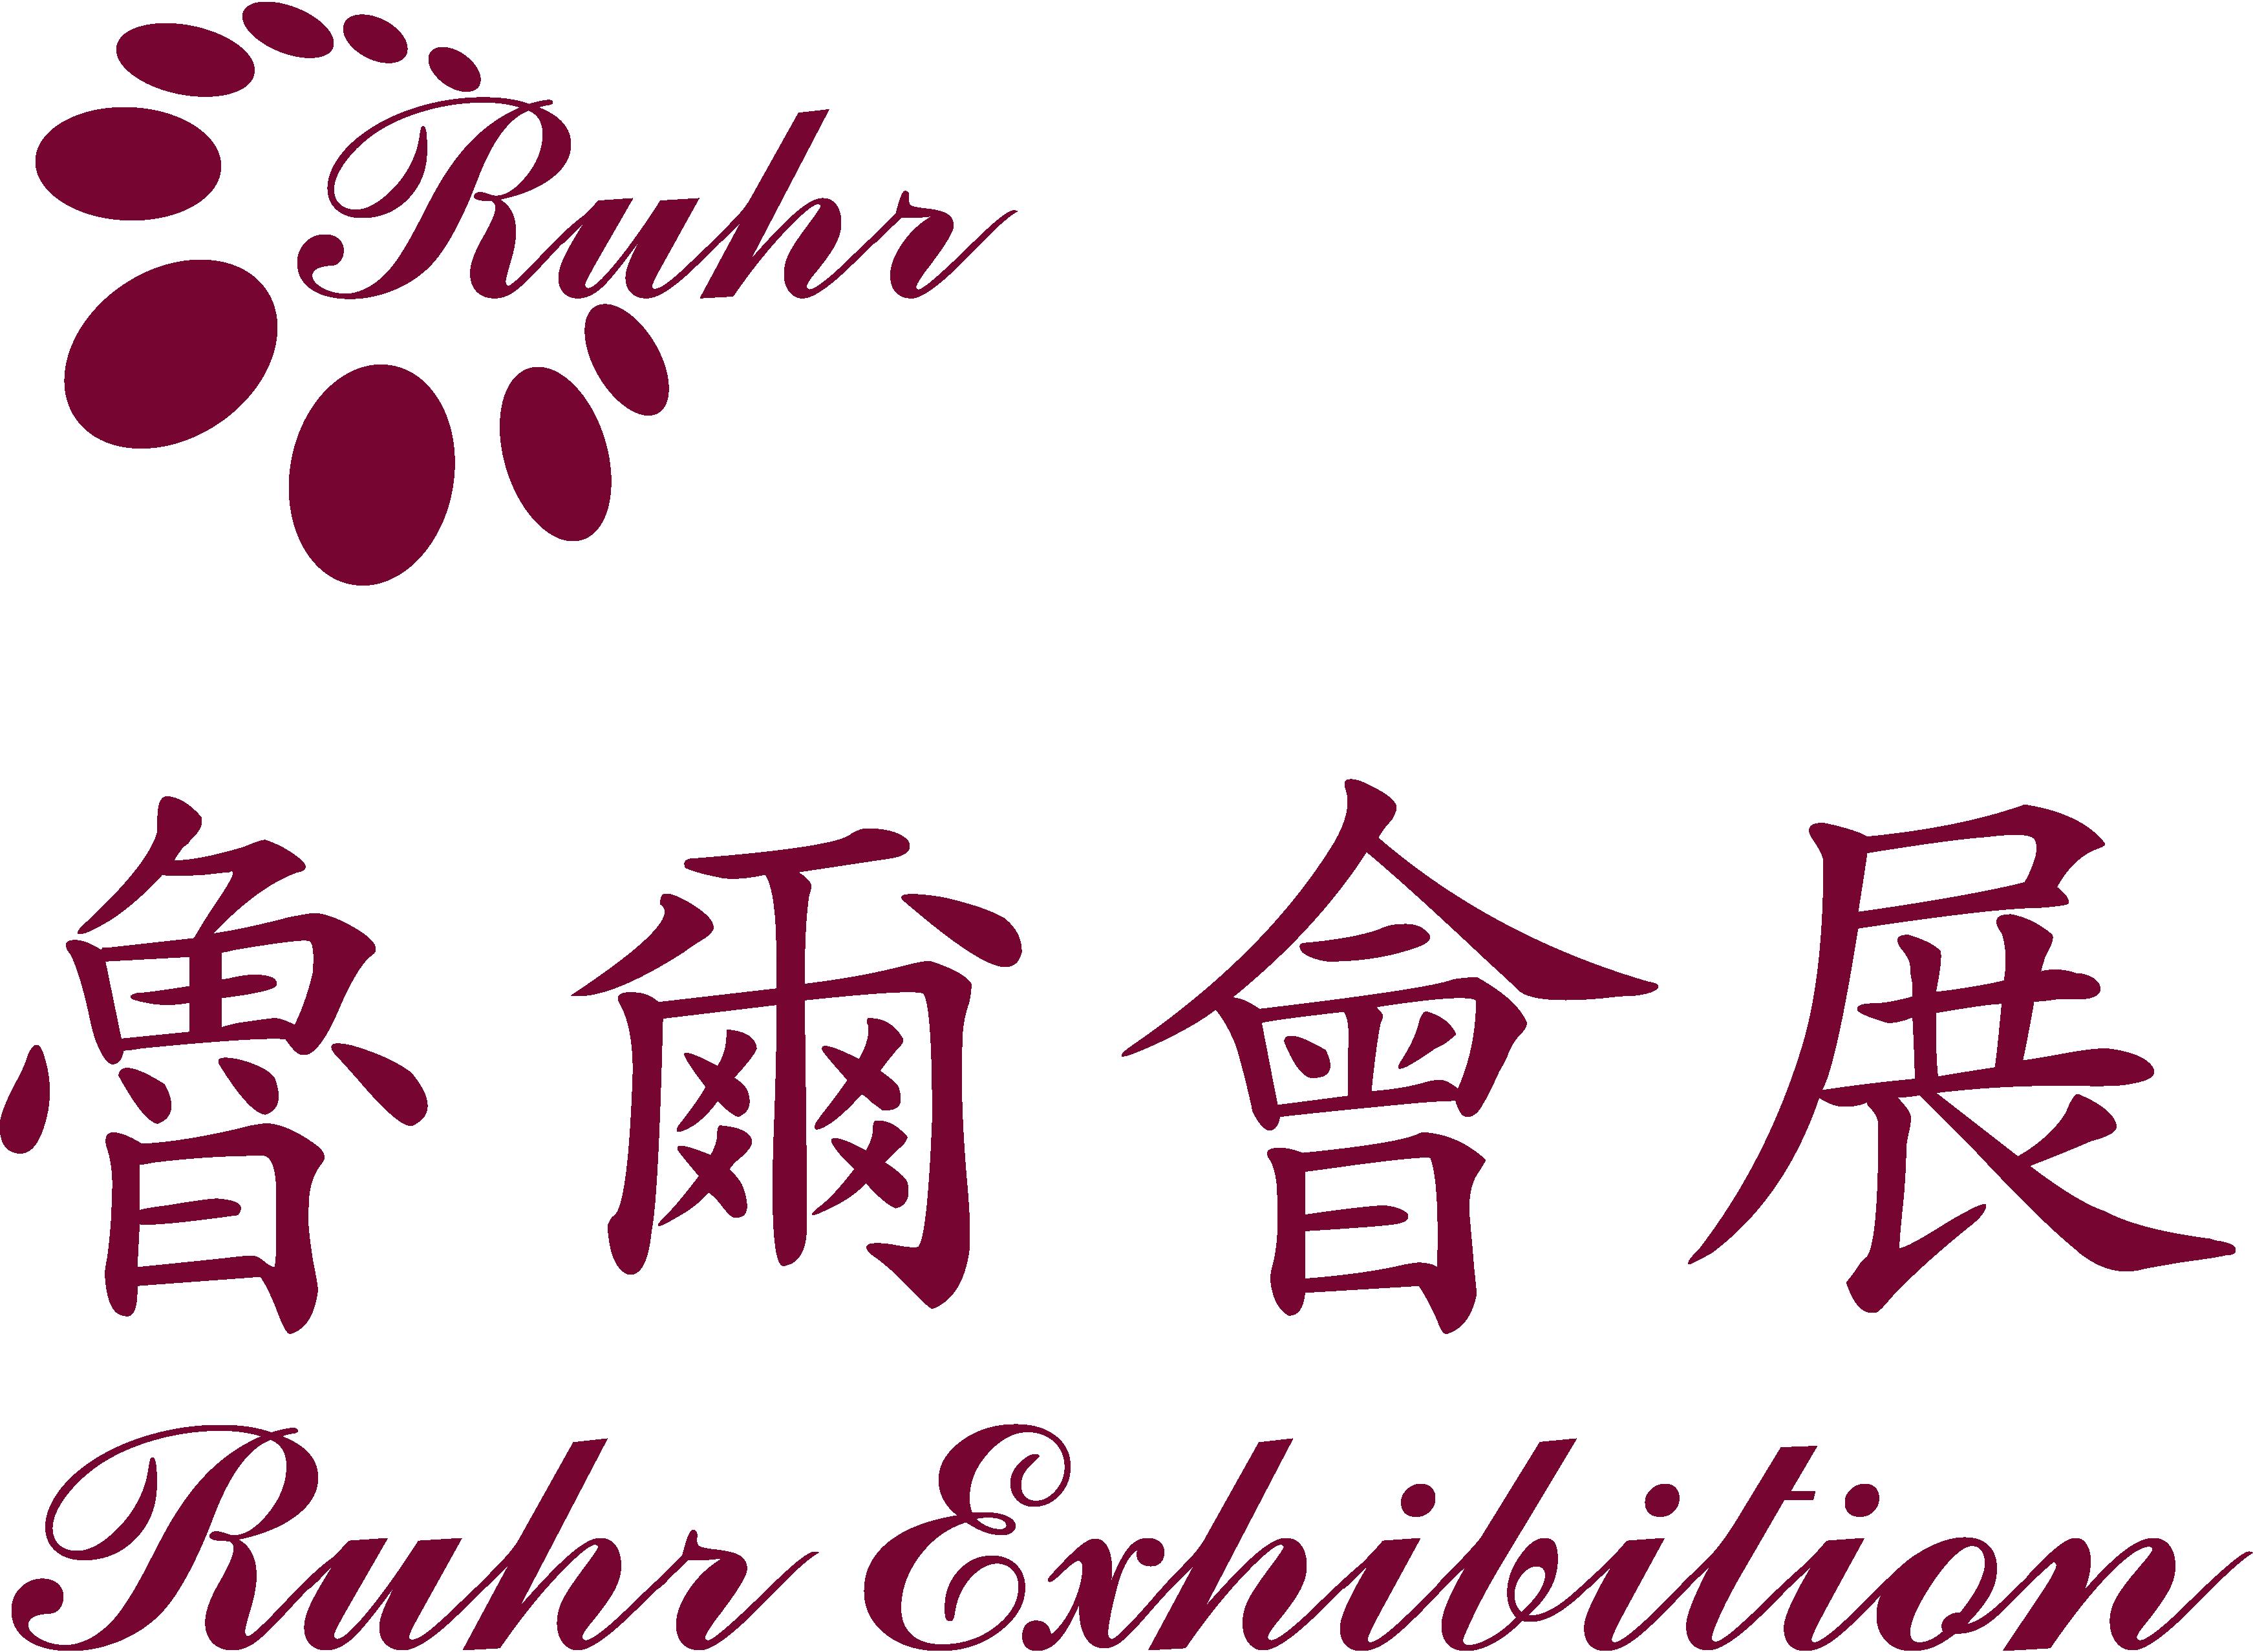 上海鲁尔会展服务有限公司